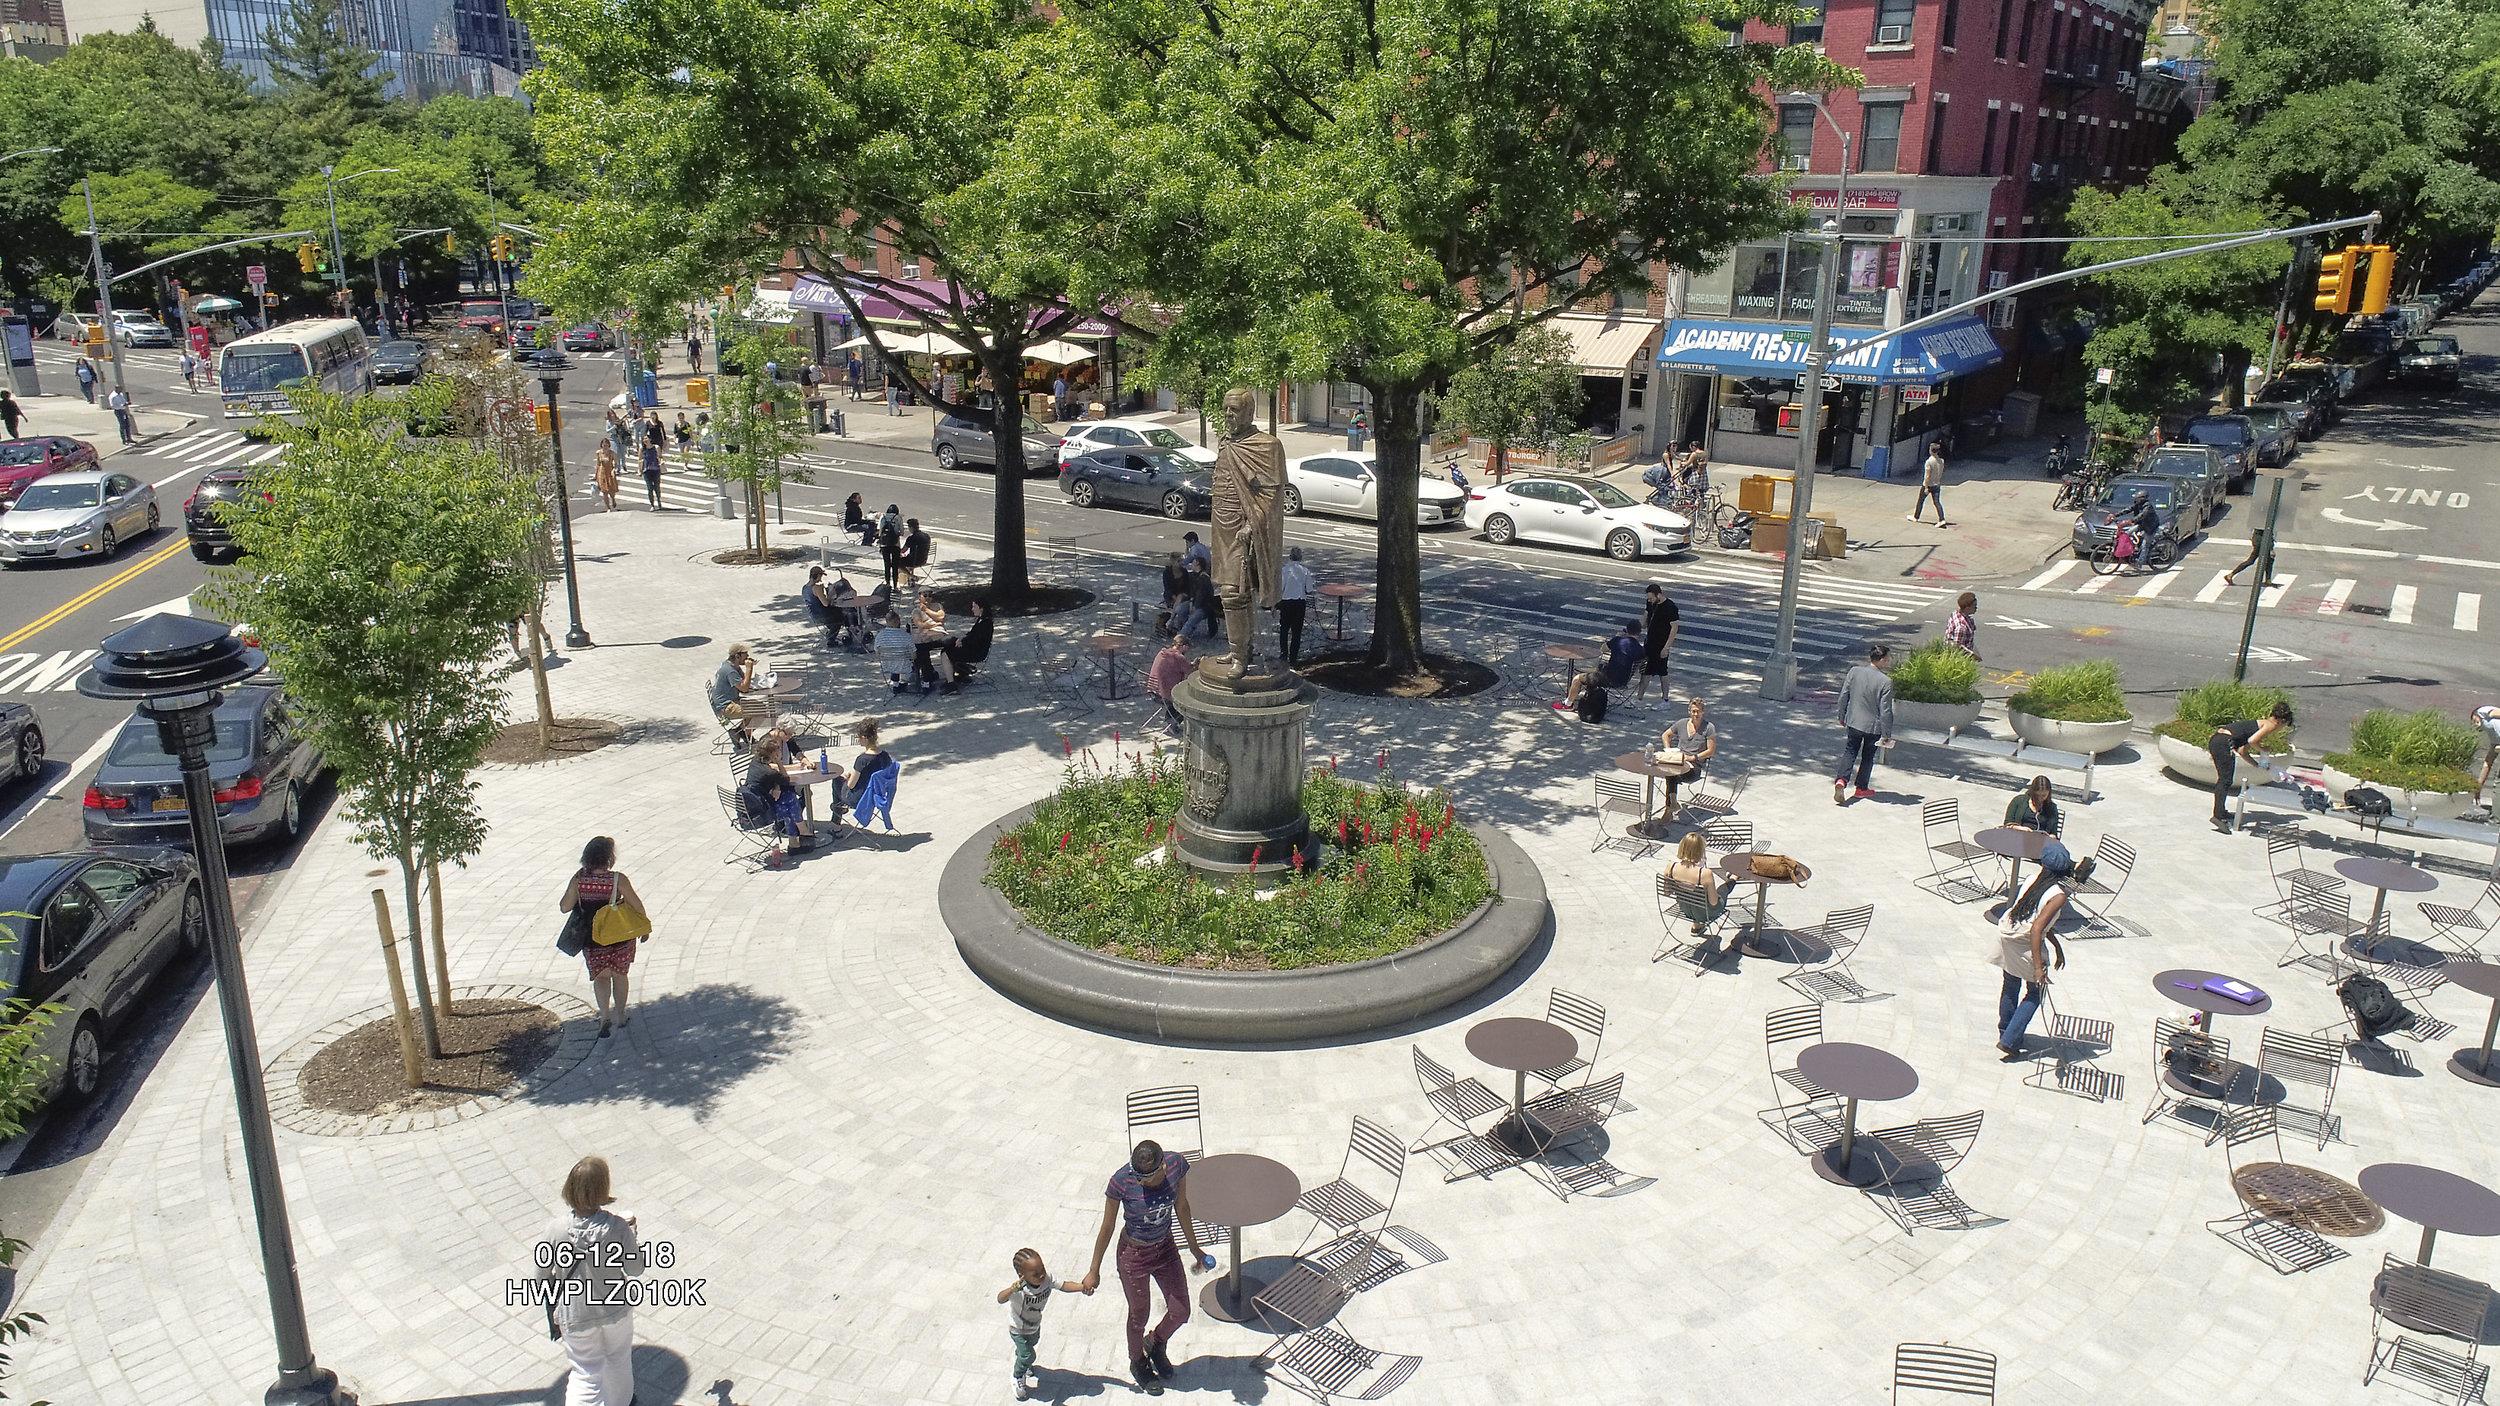 Fowler Square Plaza, Brooklyn NY